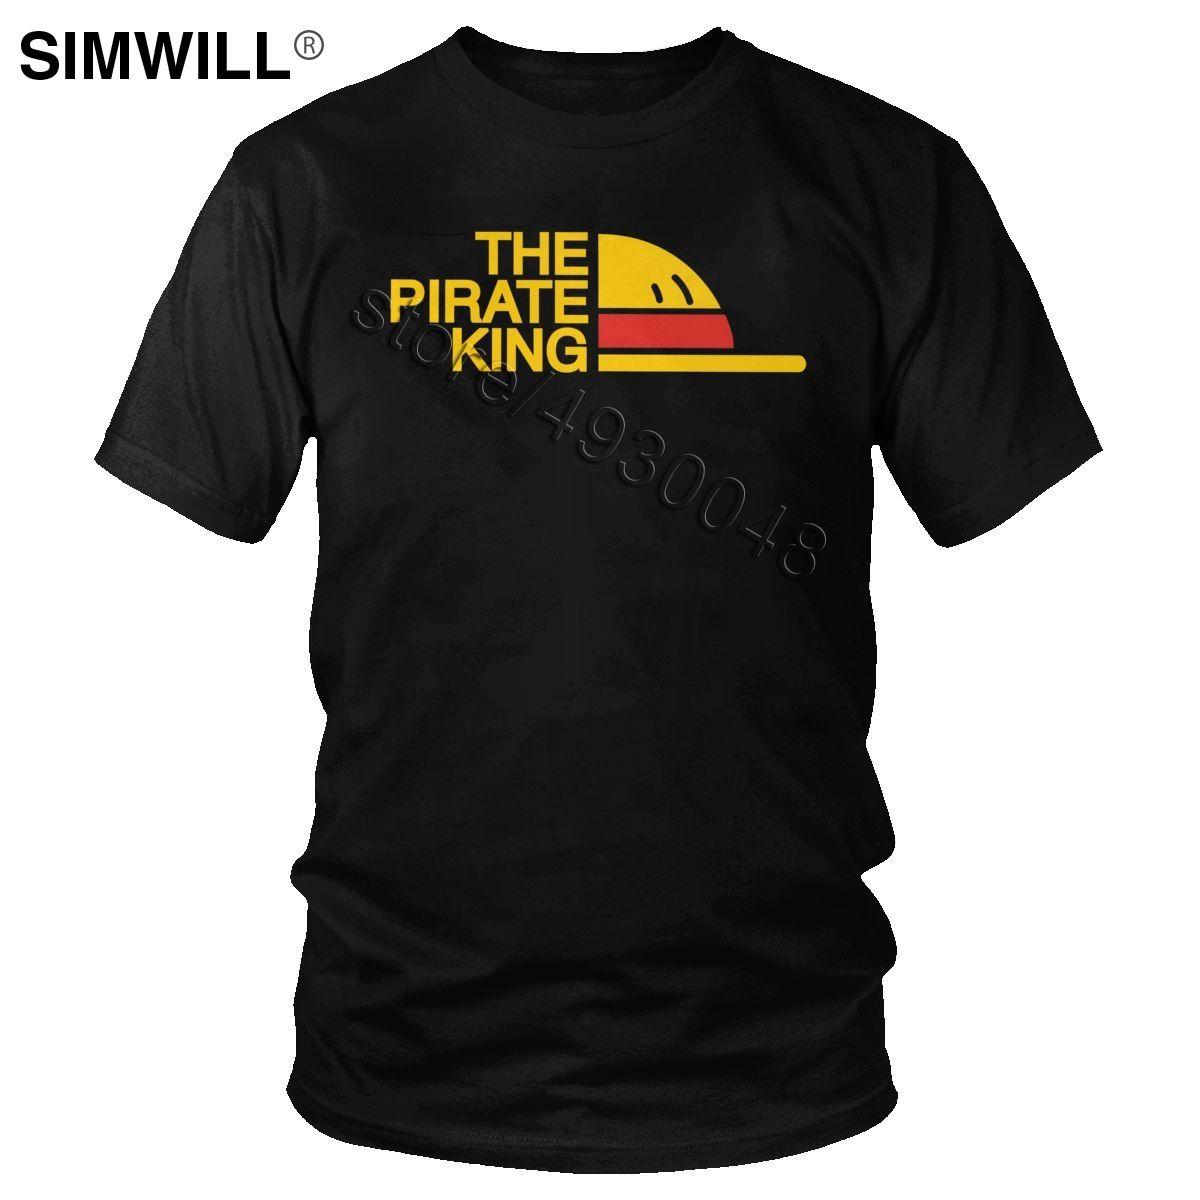 Camisa del verano nuevo algodón de la llegada de una pieza de la camiseta de manga corta Manga El rey de los piratas camiseta gráfica T Dropshipping animado